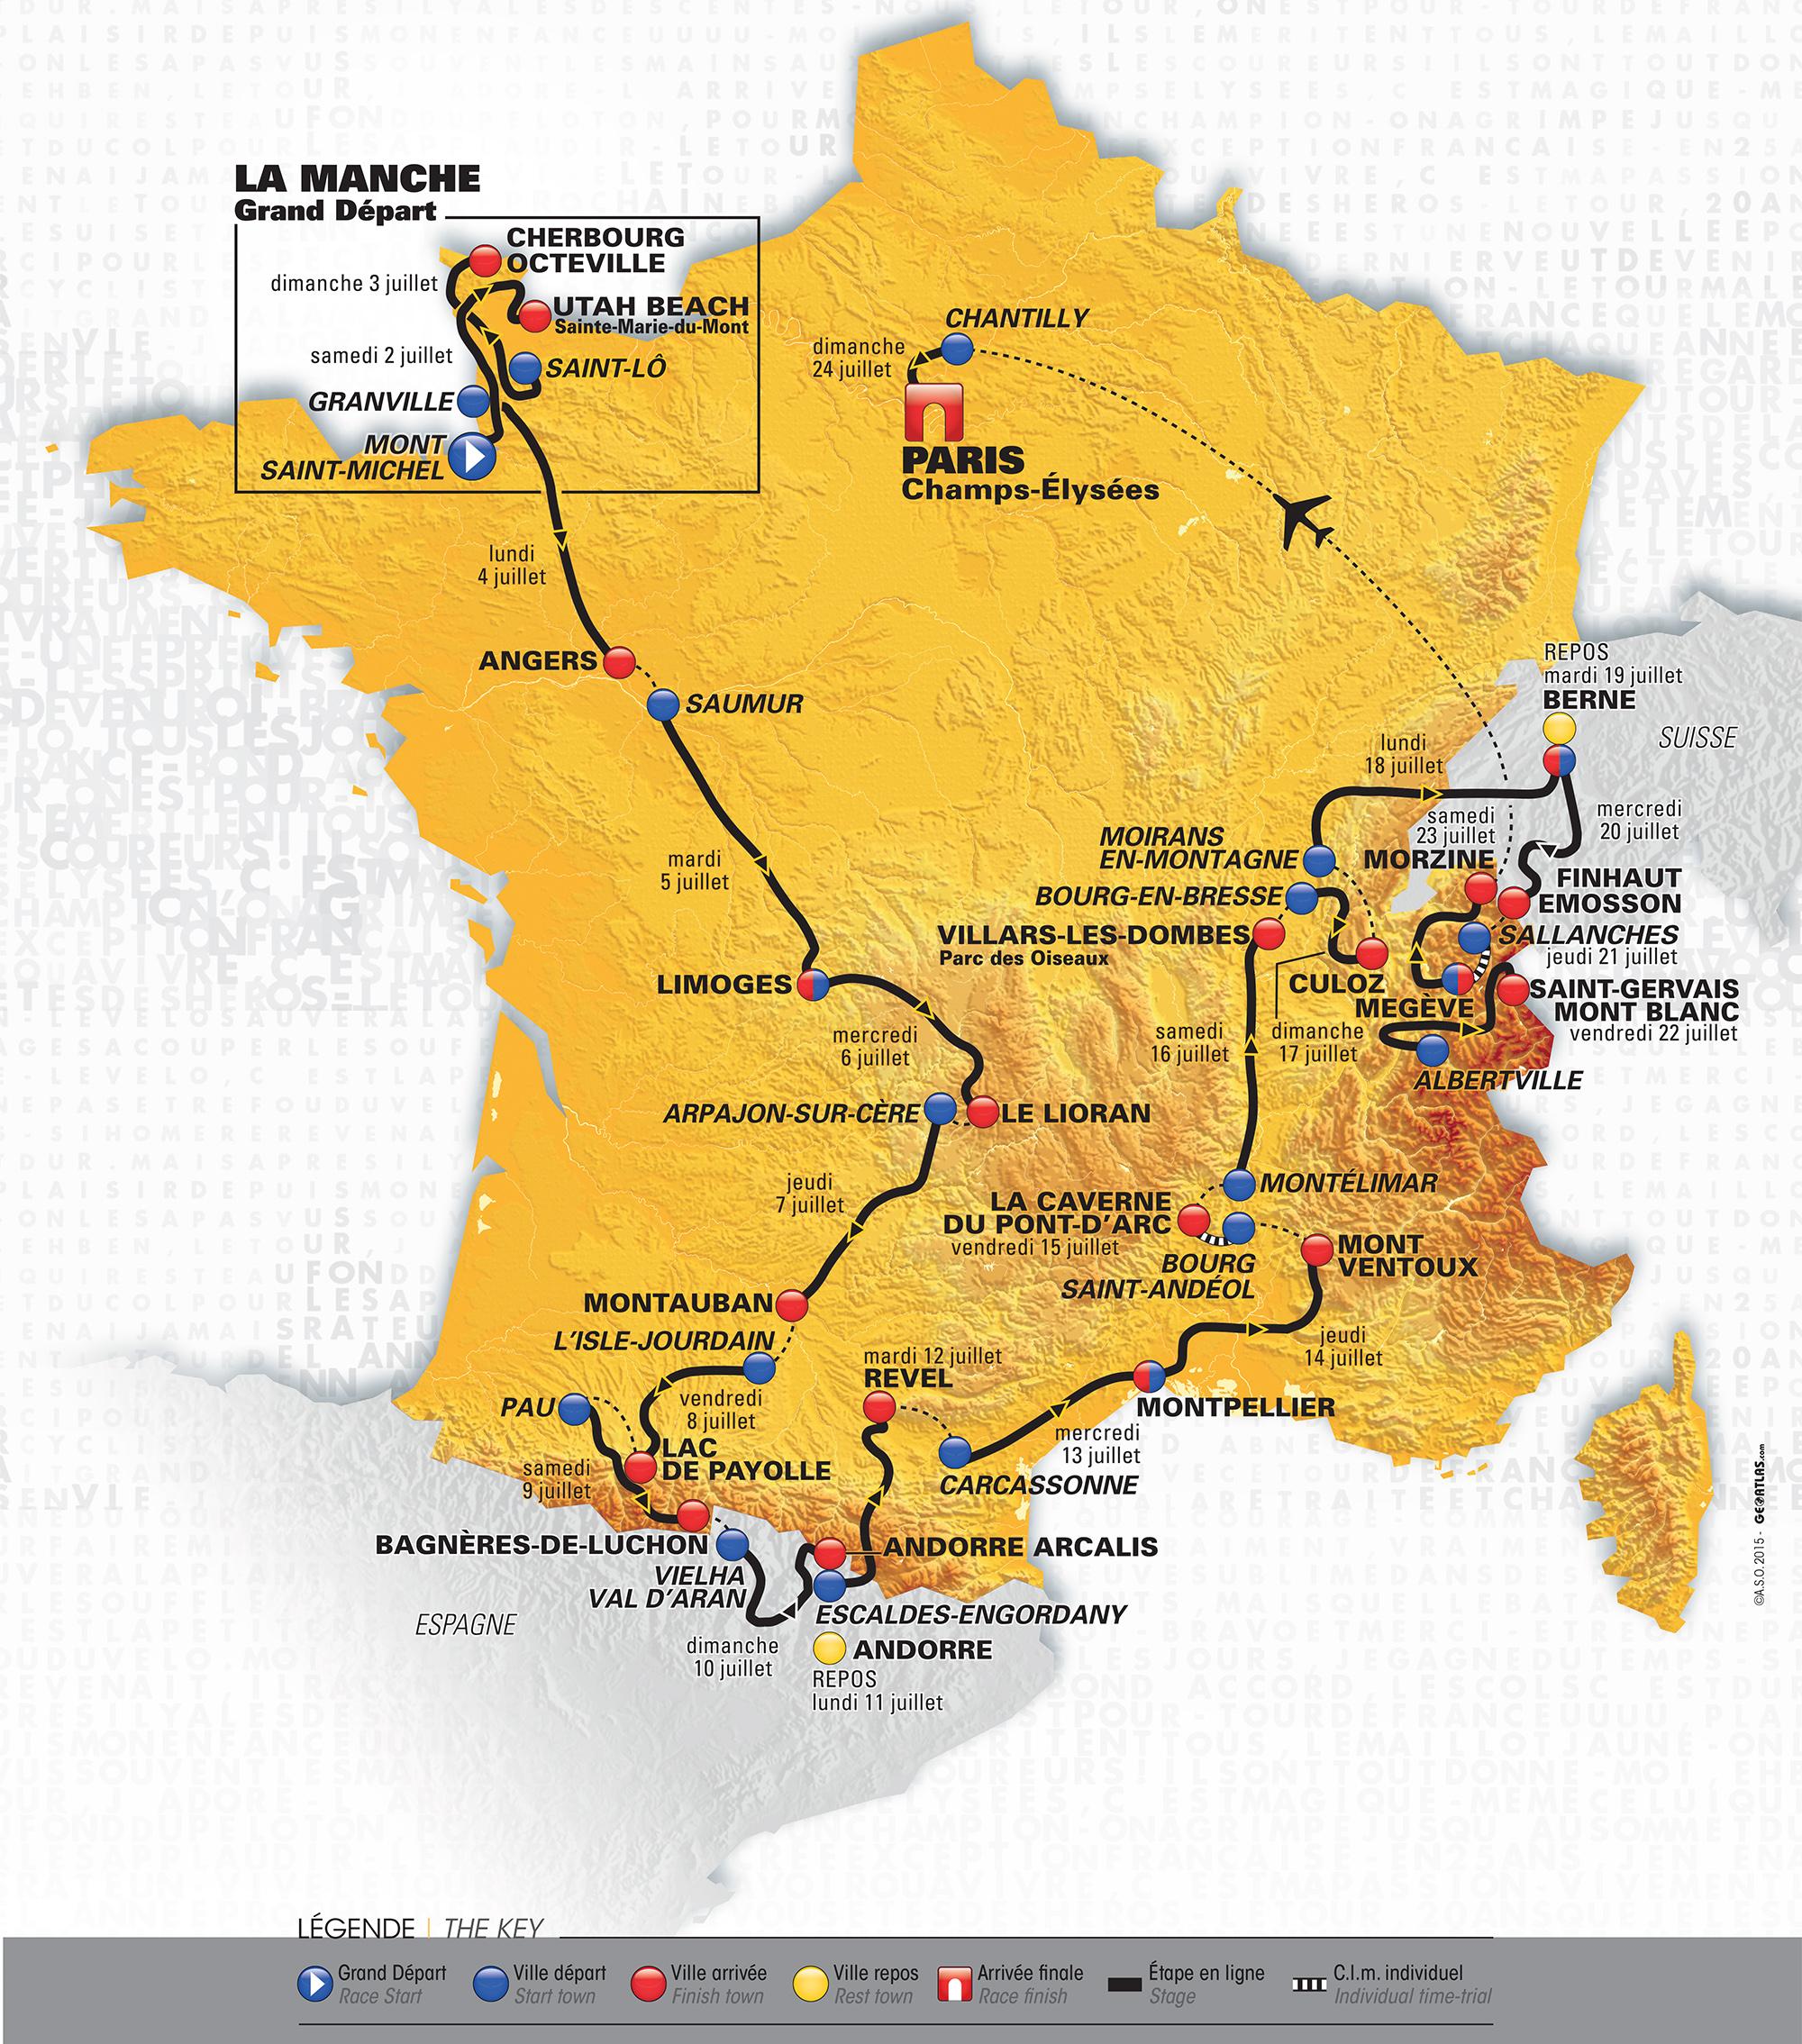 Parcours du Tour de France 2016